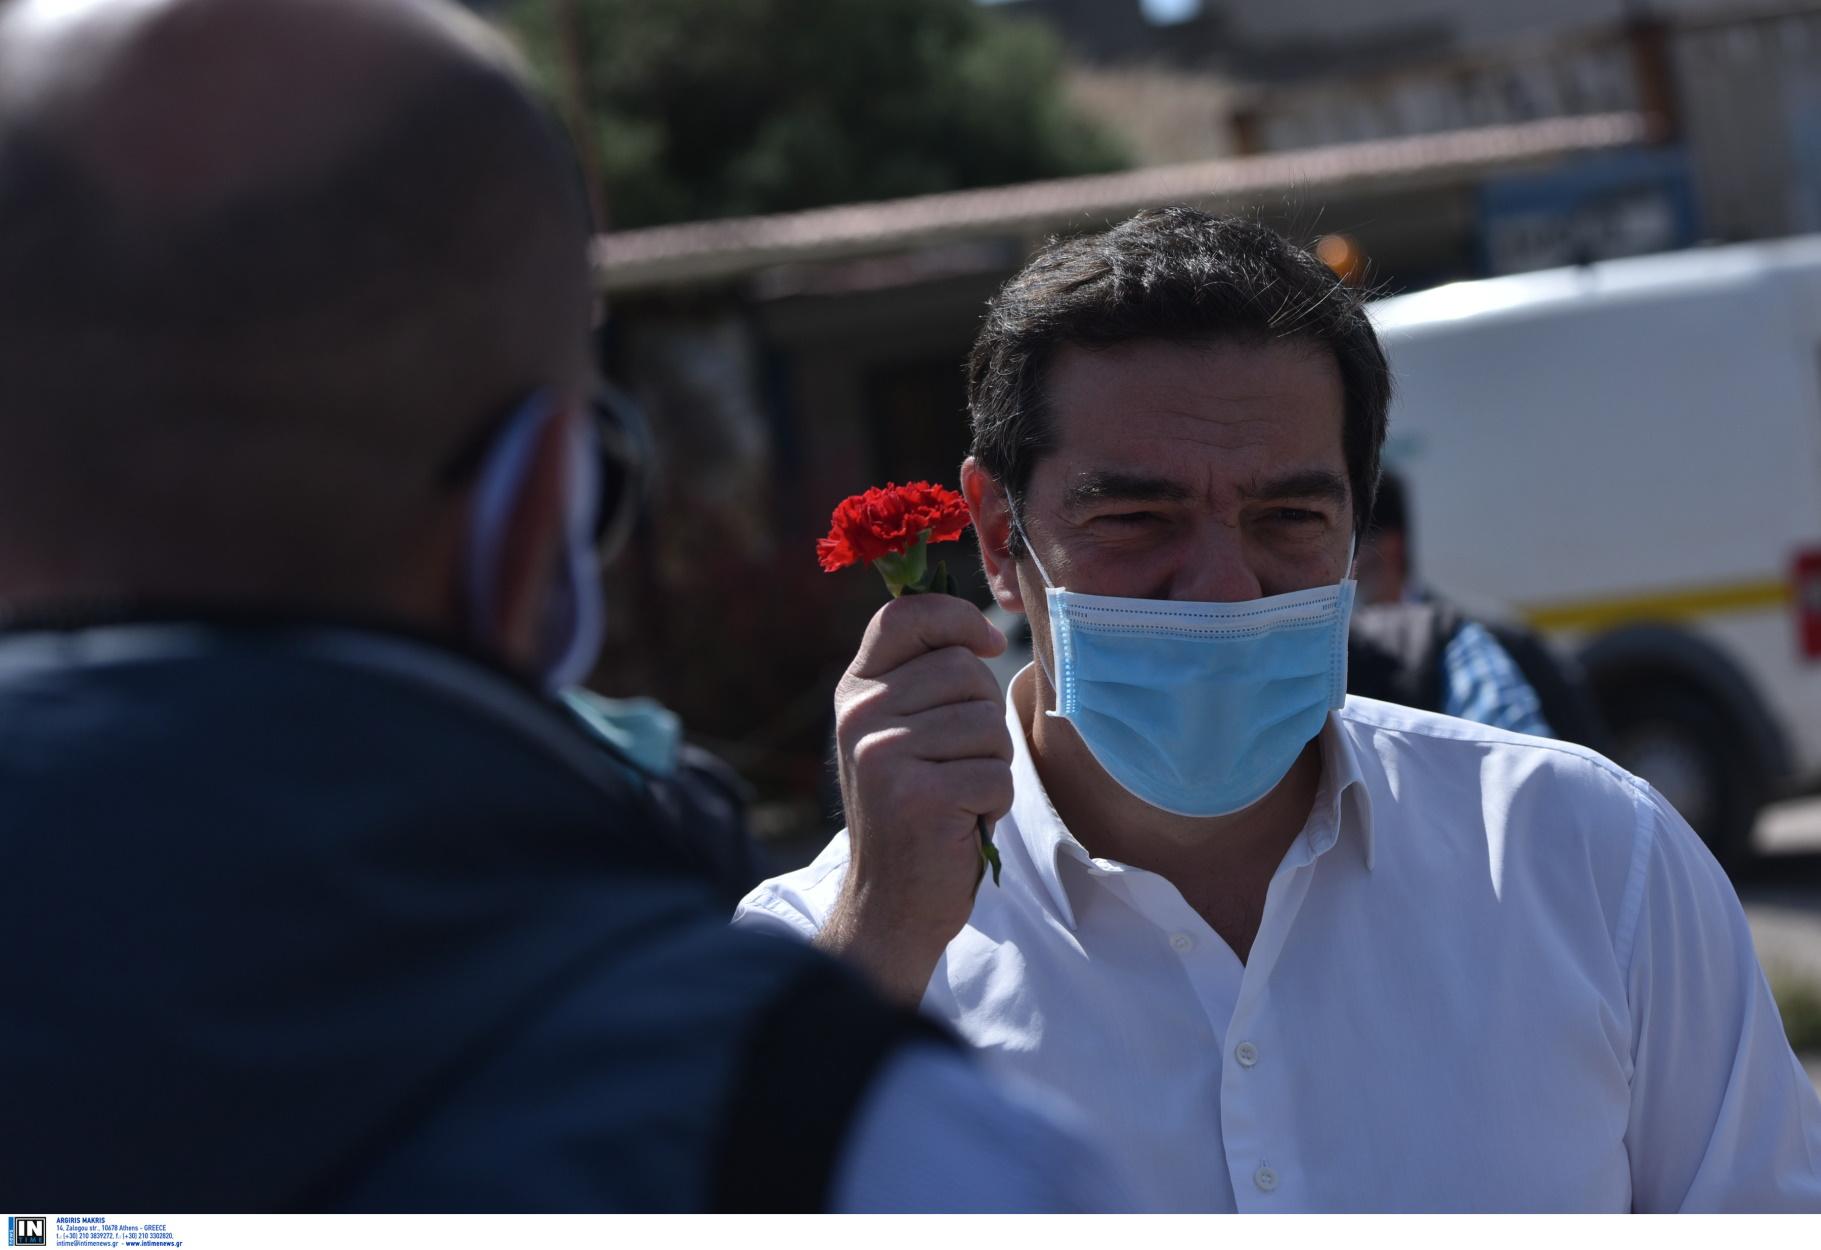 Πρωτομαγιά στο Πέραμα ο Τσίπρας με μάσκα και κόκκινο γαρύφαλλο (pics)